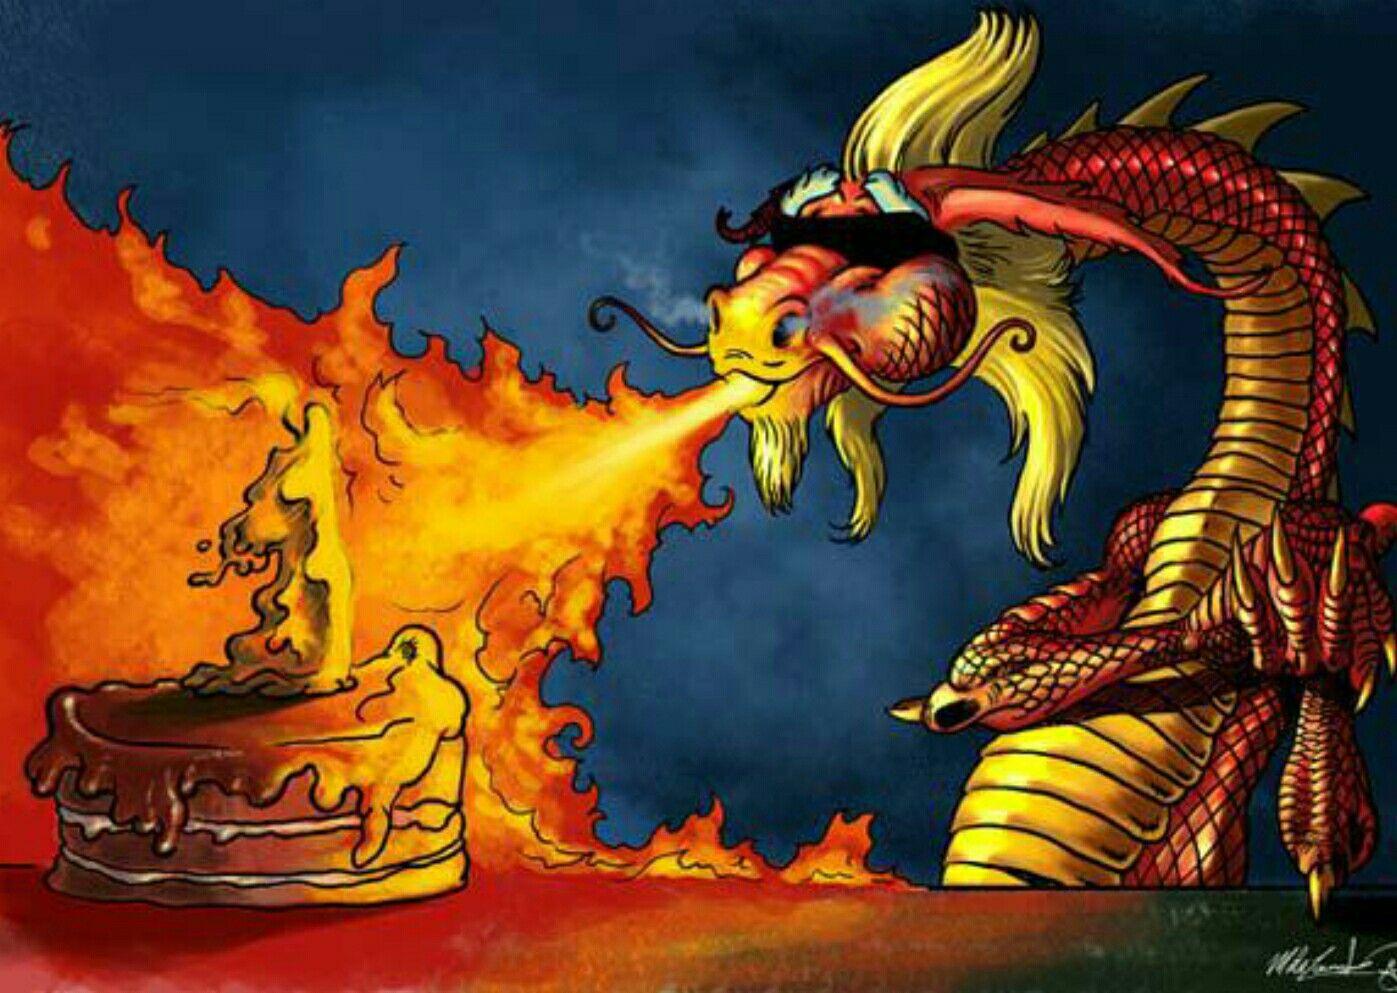 С днем рождения открытка с драконом, своими